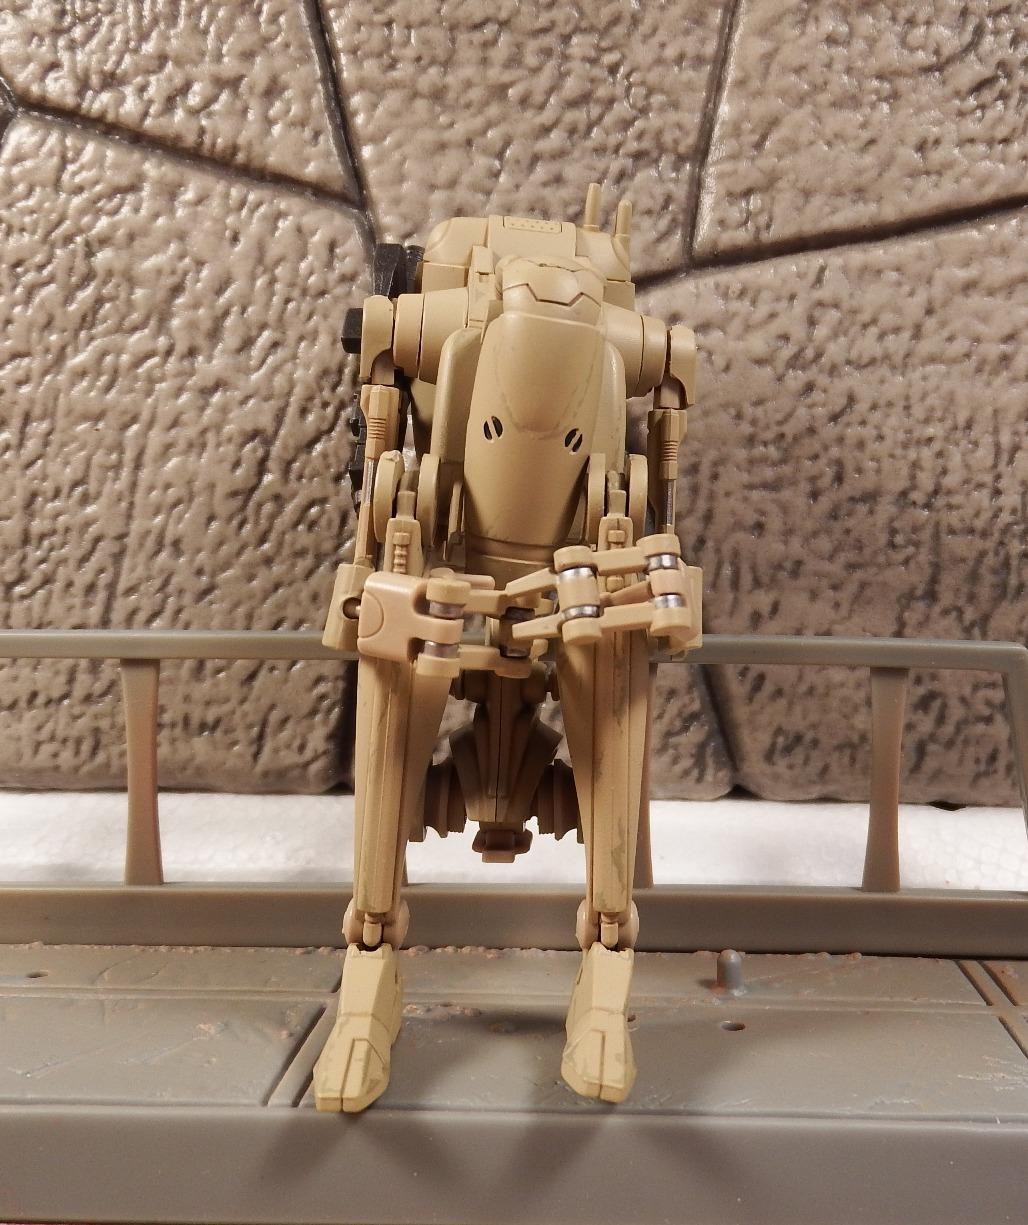 Toy Review: S.H. Figuarts Battle Droid